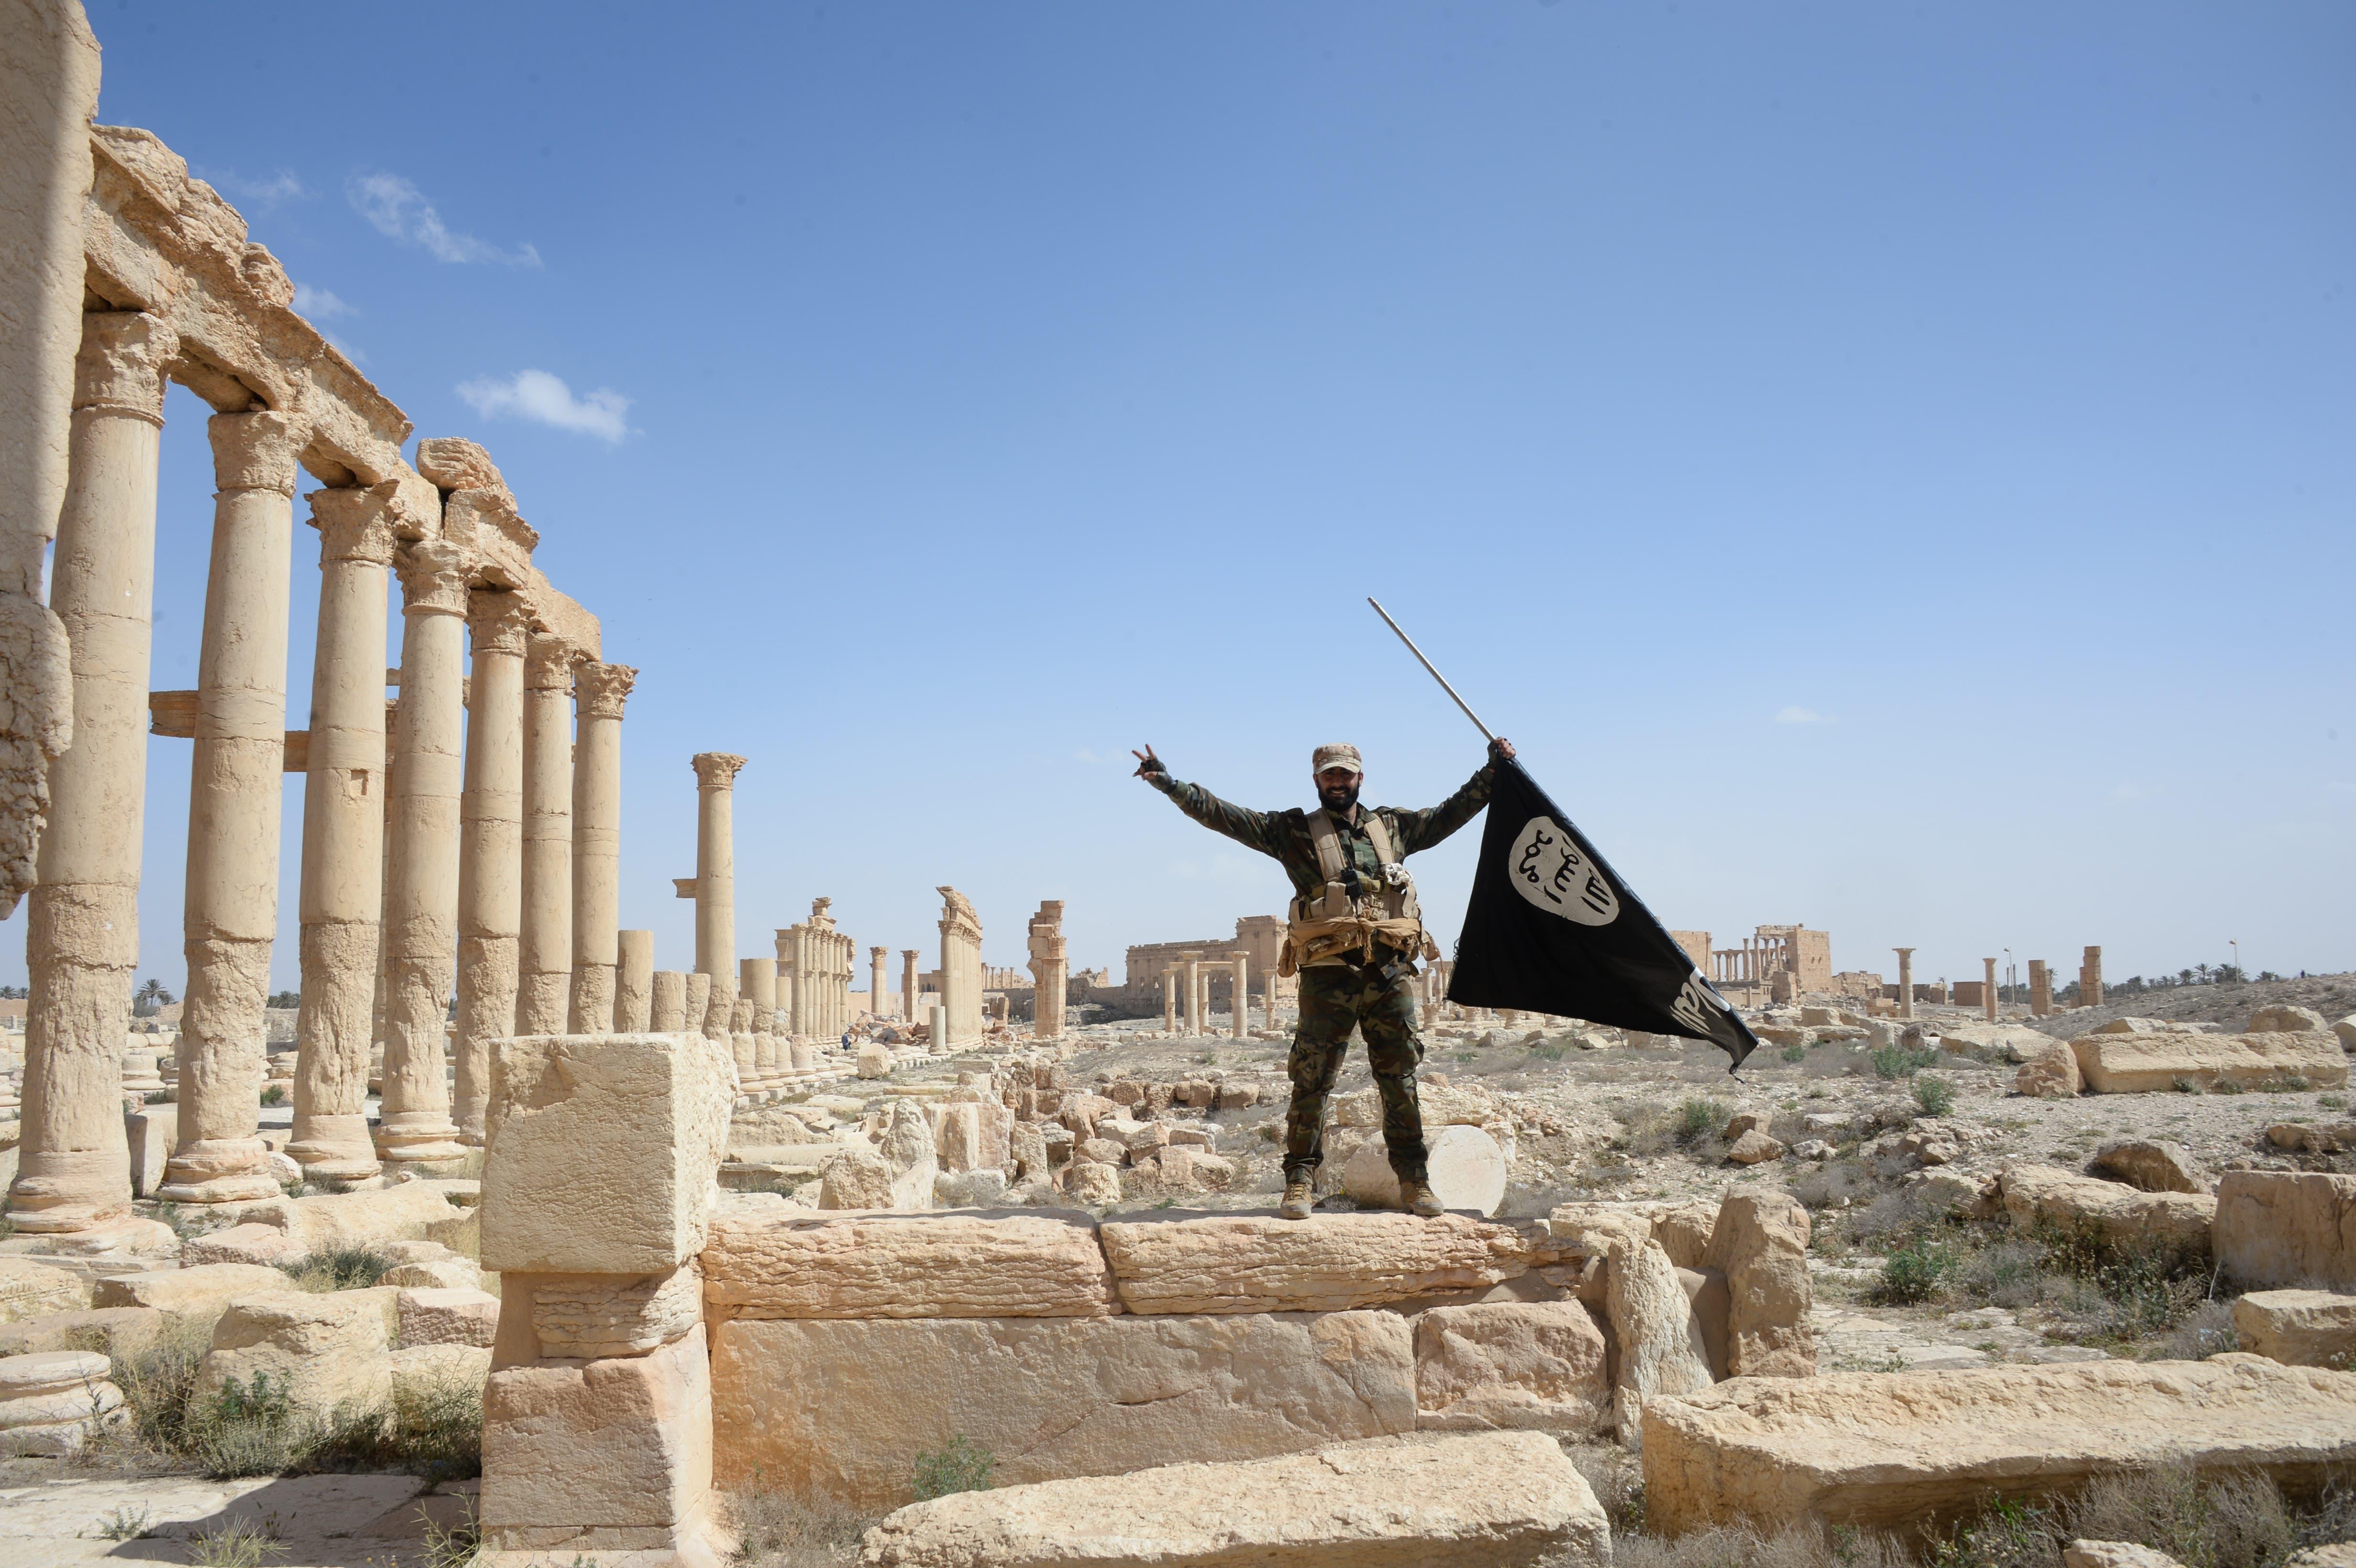 ... im gleichen Jahr eroberten Dschihadisten die syrische Wüstenstadt Palmyra und zerstören wertvolle archäologische Schätze. Angriffe wie diese auf das Kulturerbe nehmen zu, warnt der Bundesrat. Er hat heute eine Strategie zum Schutz des gefährdeten Kulturerbes verabschiedet. (Bild: Key, Mikhail Voskresenskiy (Palmyra, 27. März 2016))